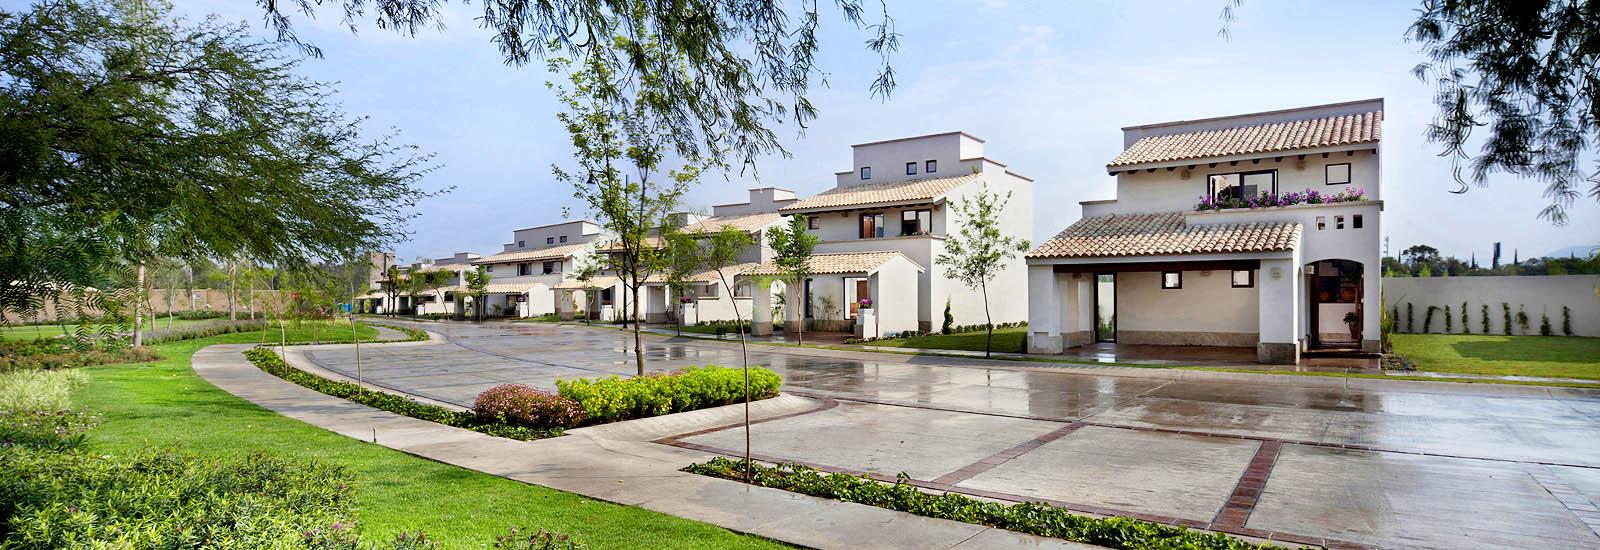 El mayorazgo residencial en le n qdi quality for Casas en leon gto